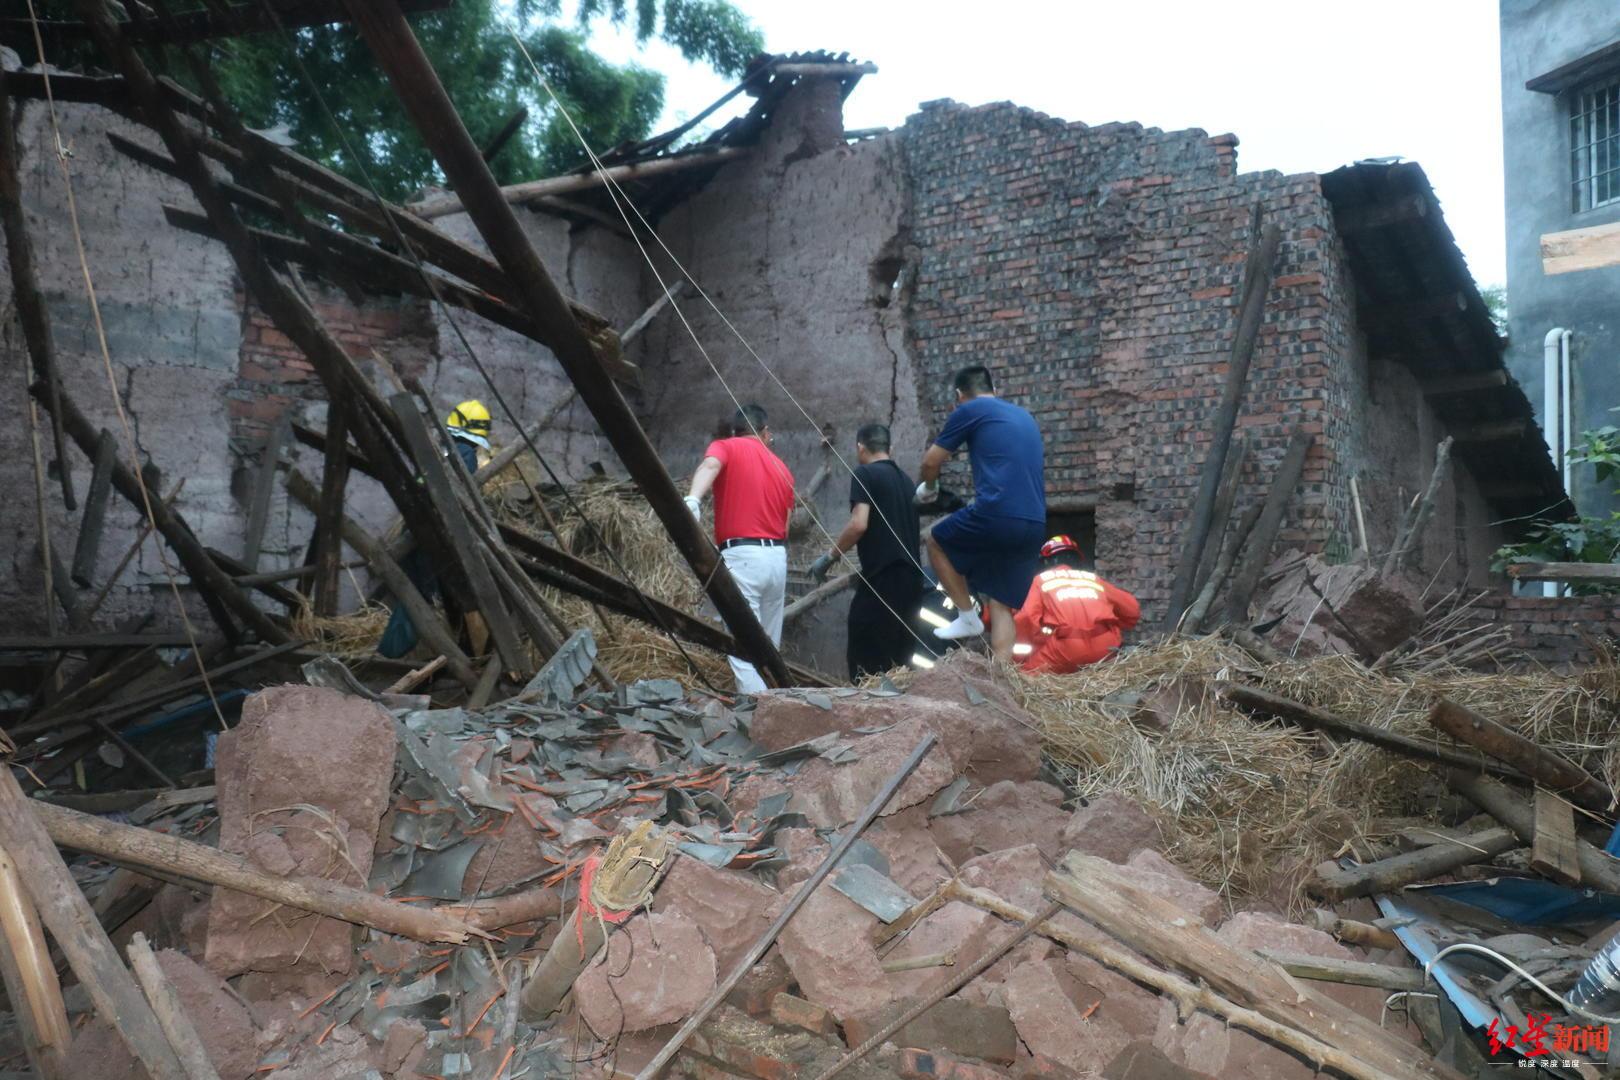 四川隆昌一民房房顶坍塌老人被困 10多分钟被成功救出